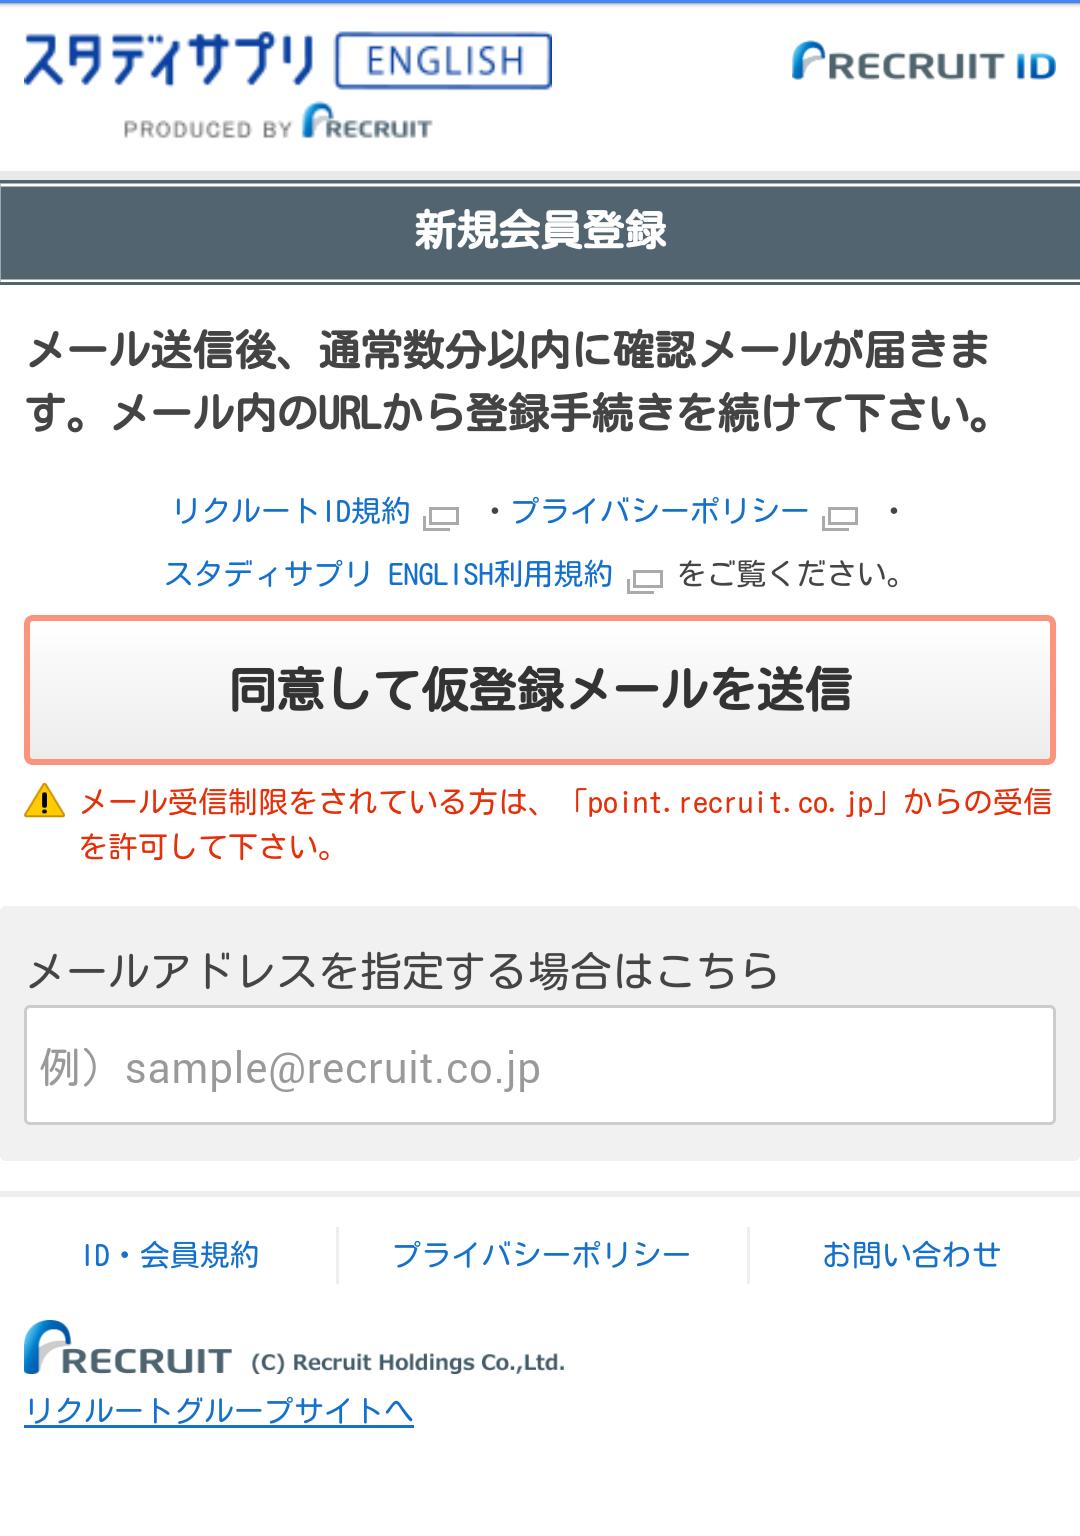 仮登録メールの送信画面